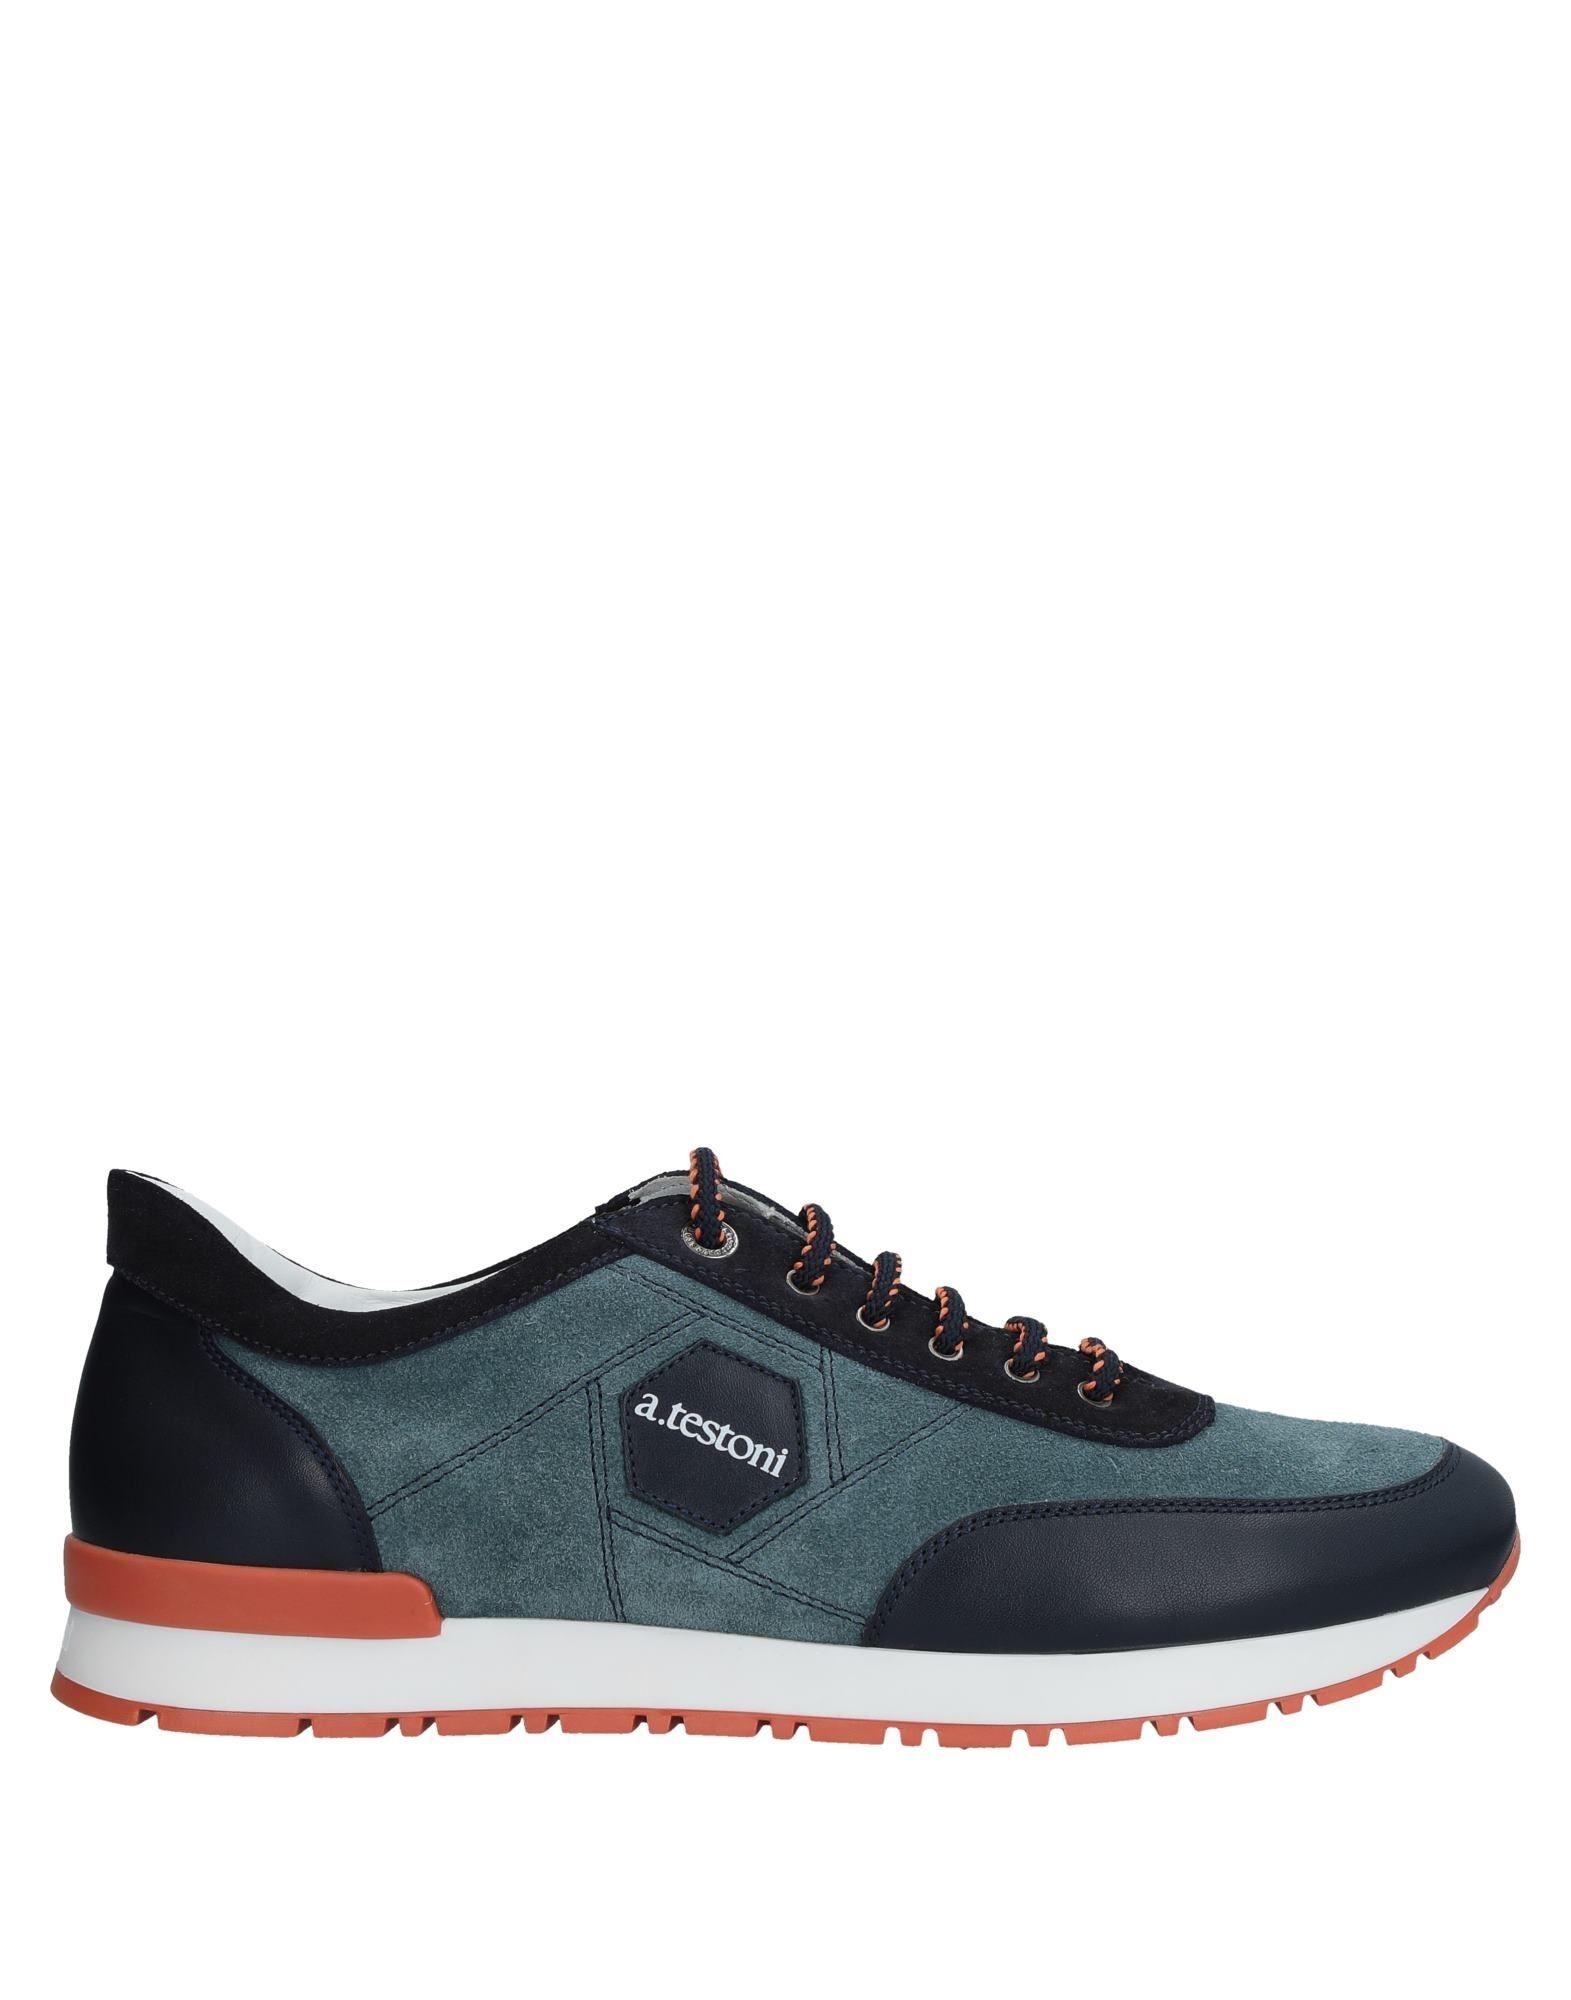 Scarpe economiche e resistenti Sneakers A.Testoni Uomo - 11543048BX